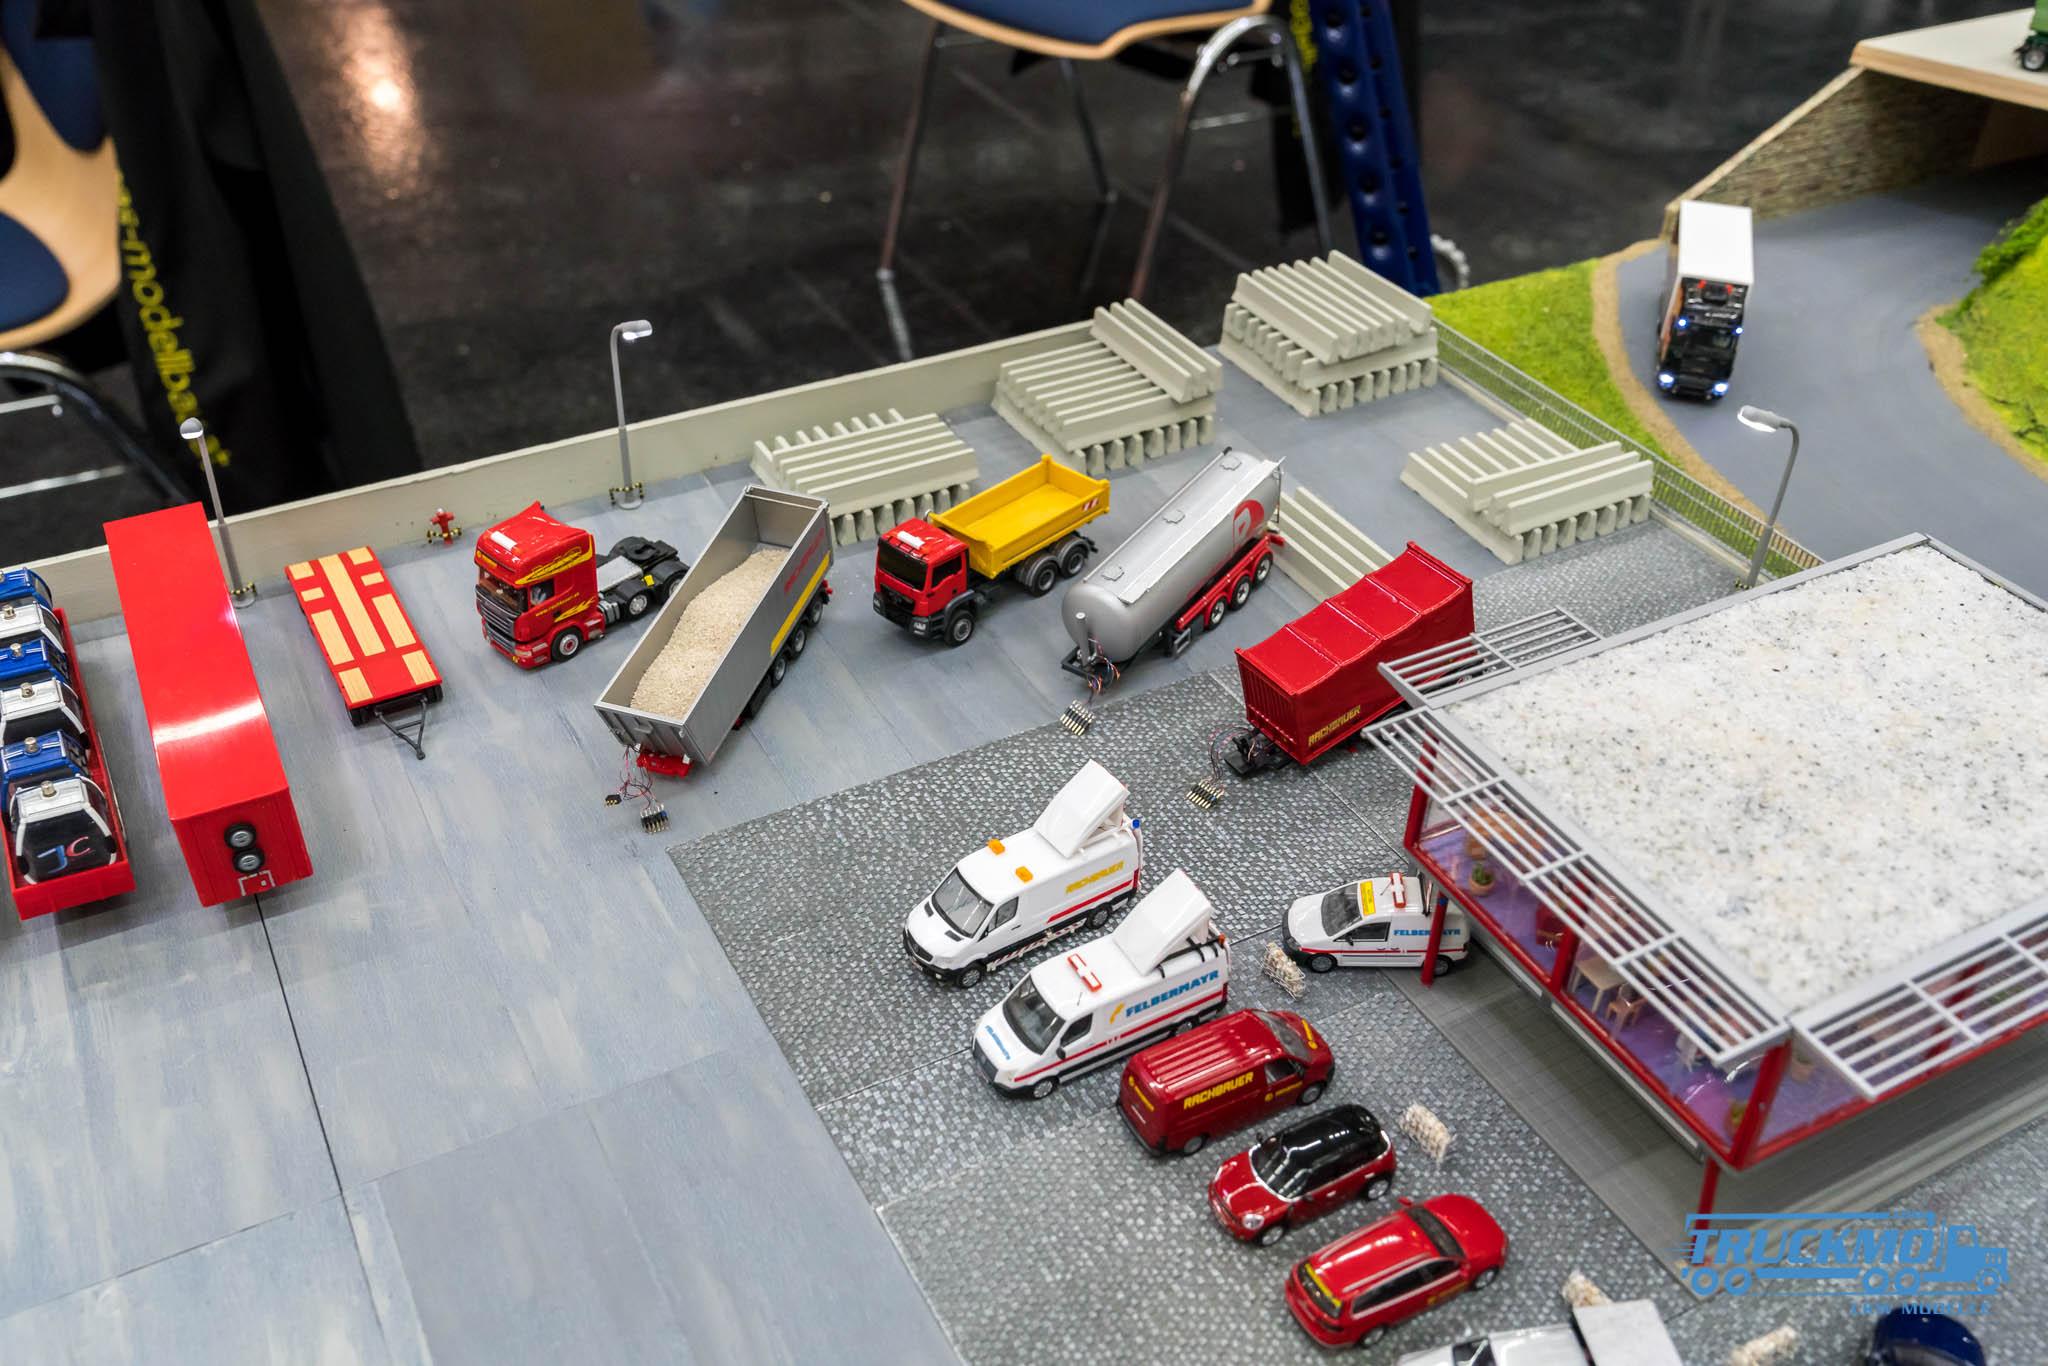 Truckmo_Modellbau_Ried_2017_Herpa_Messe_Modellbauausstellung (253 von 1177)